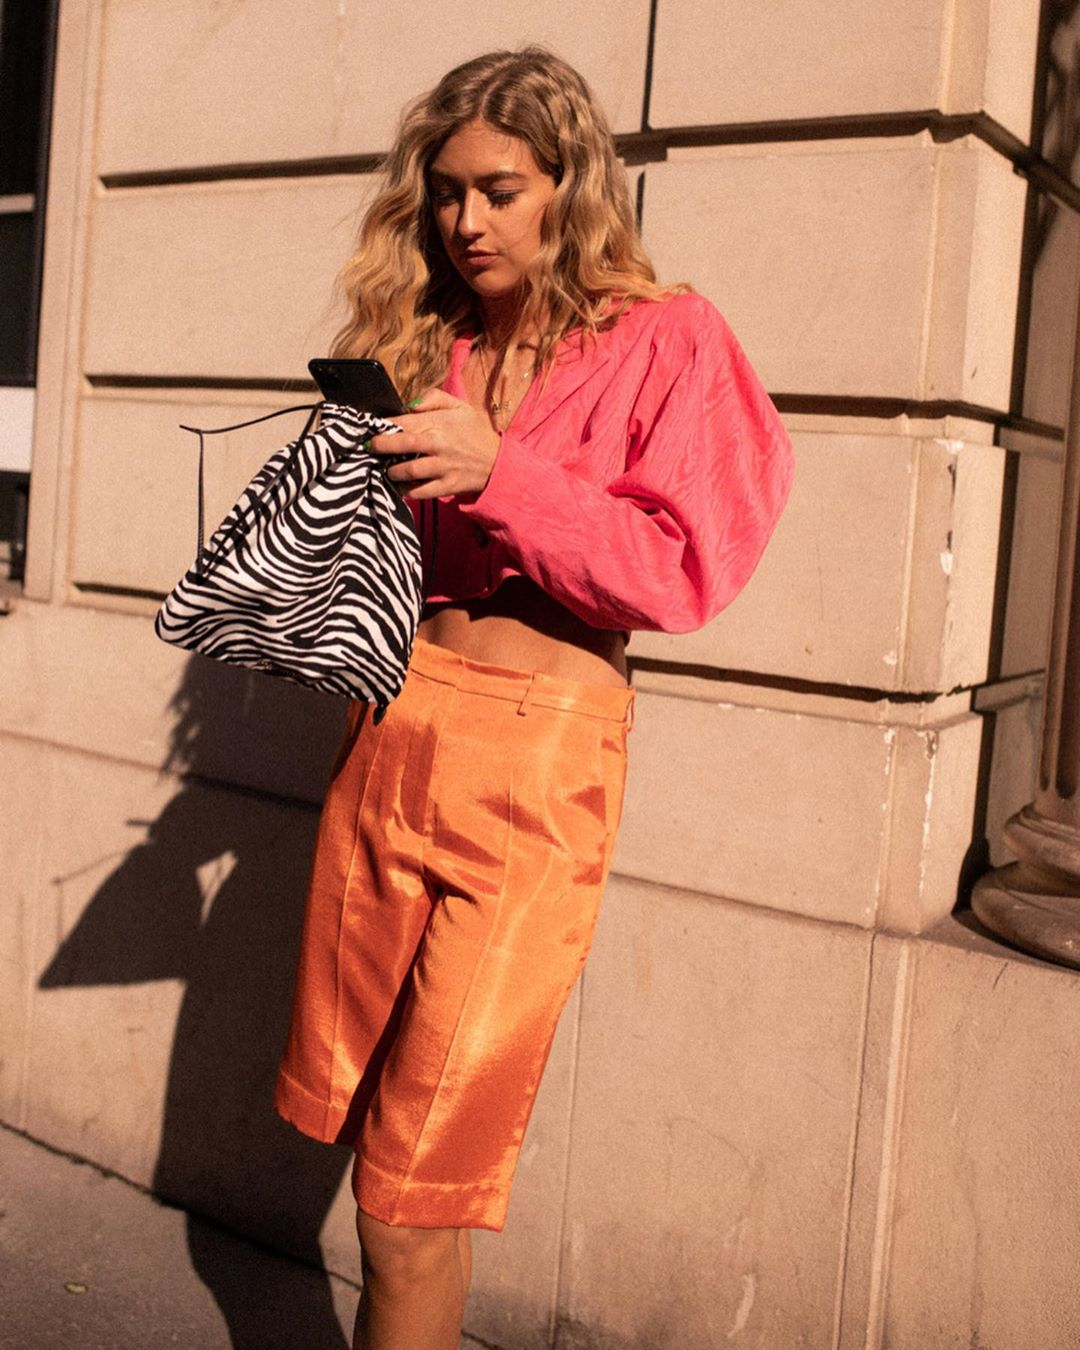 Emili Sindlev a fashionista que se veste como a Carrie Bradshaw